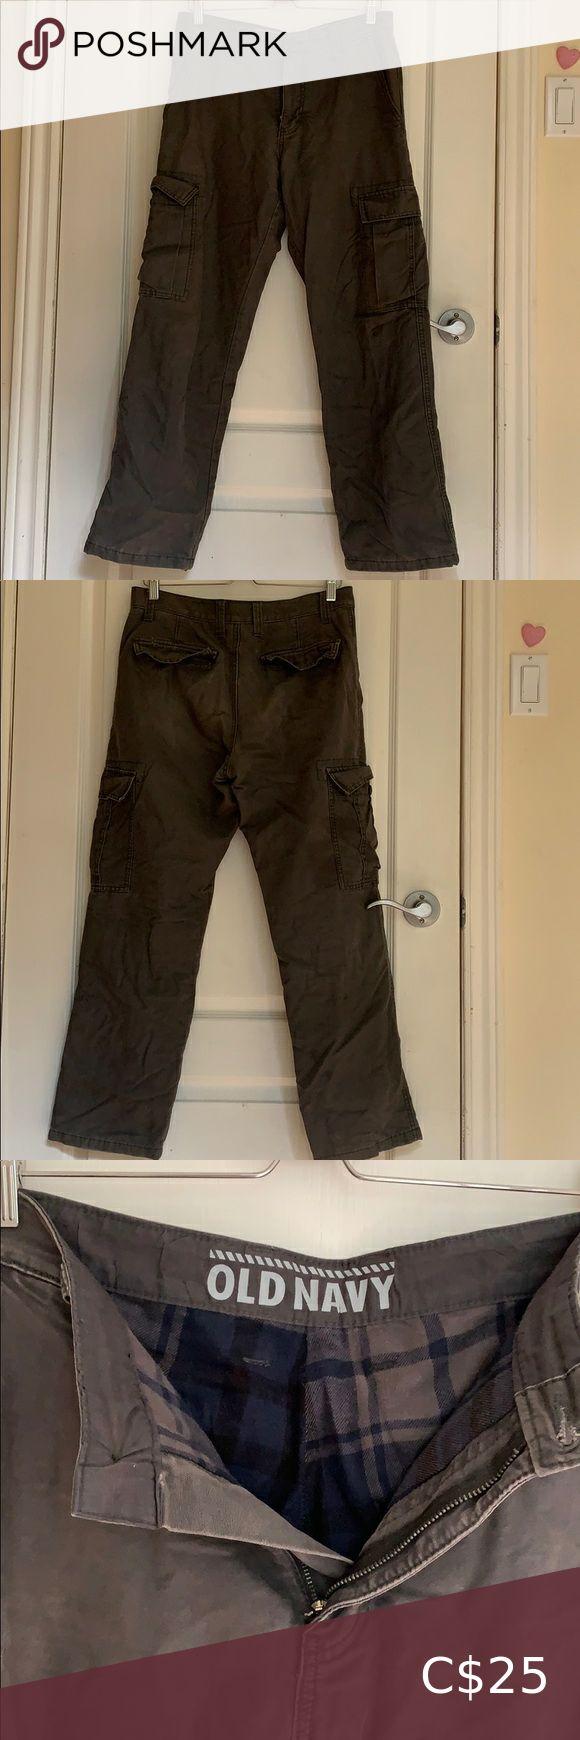 OldNavy men Cargo pants in 2020 Cargo pants men, Cargo